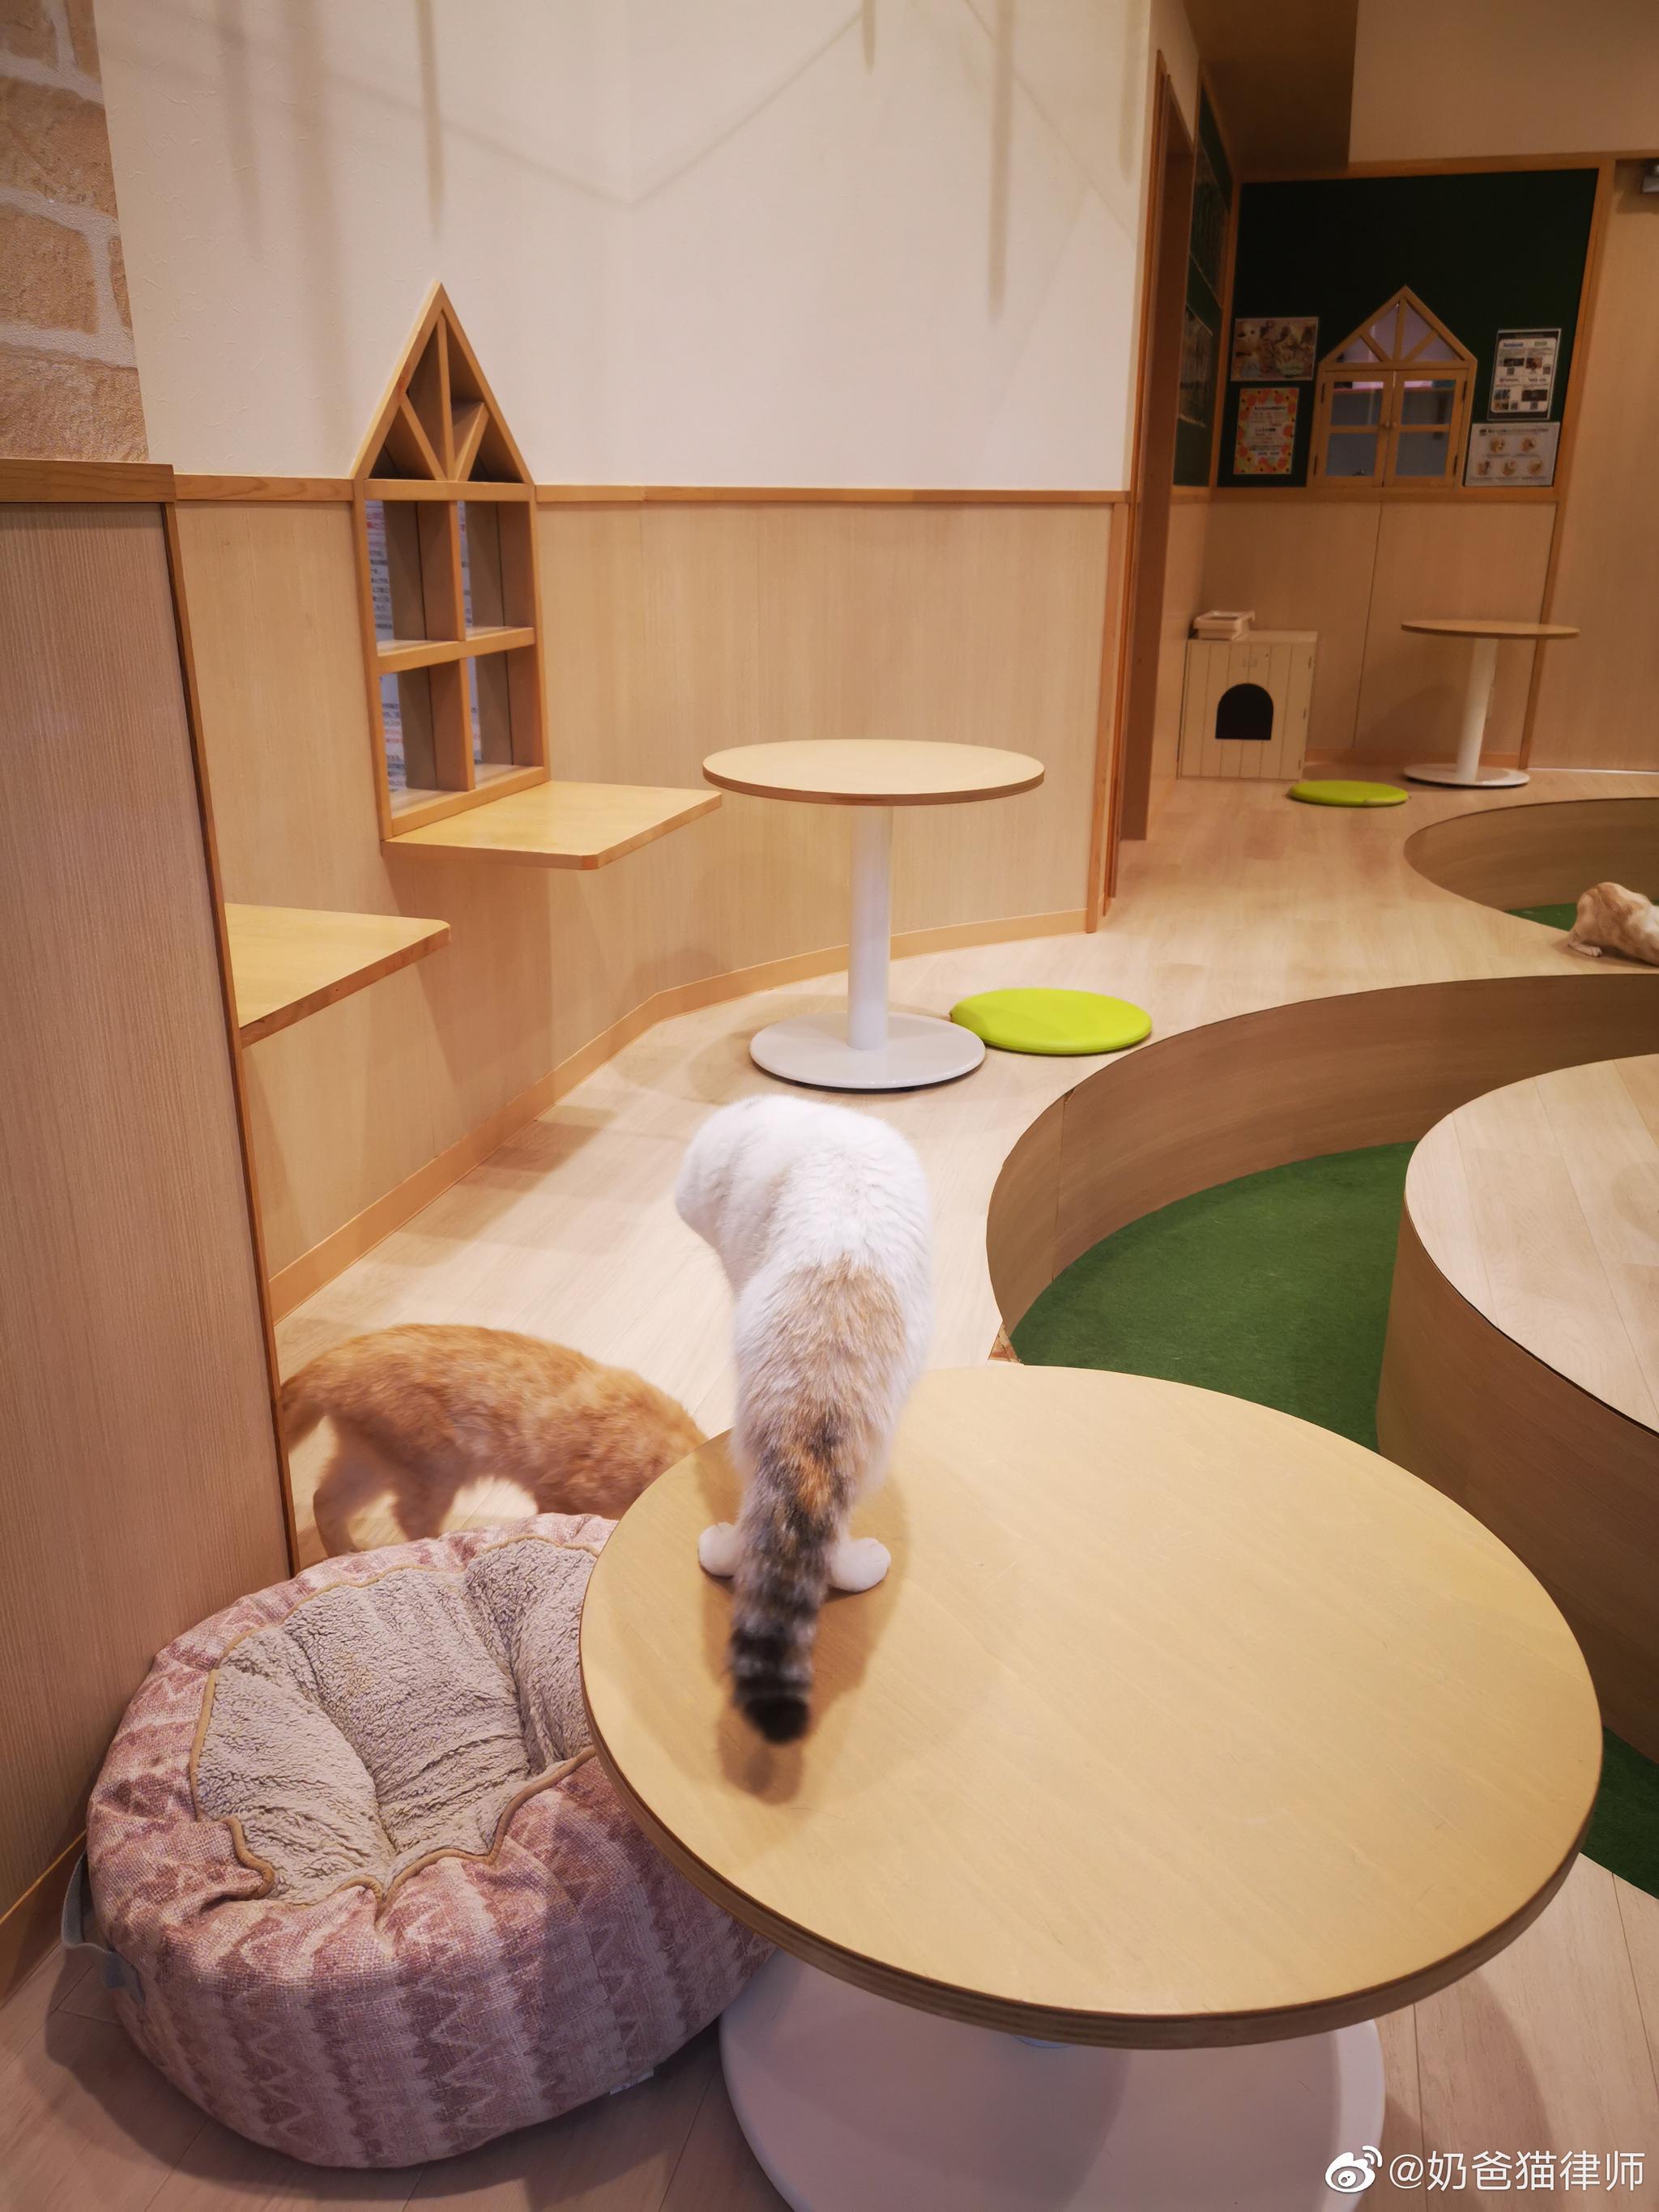 日本的猫咖,五十人民币三十分钟好多好多猫